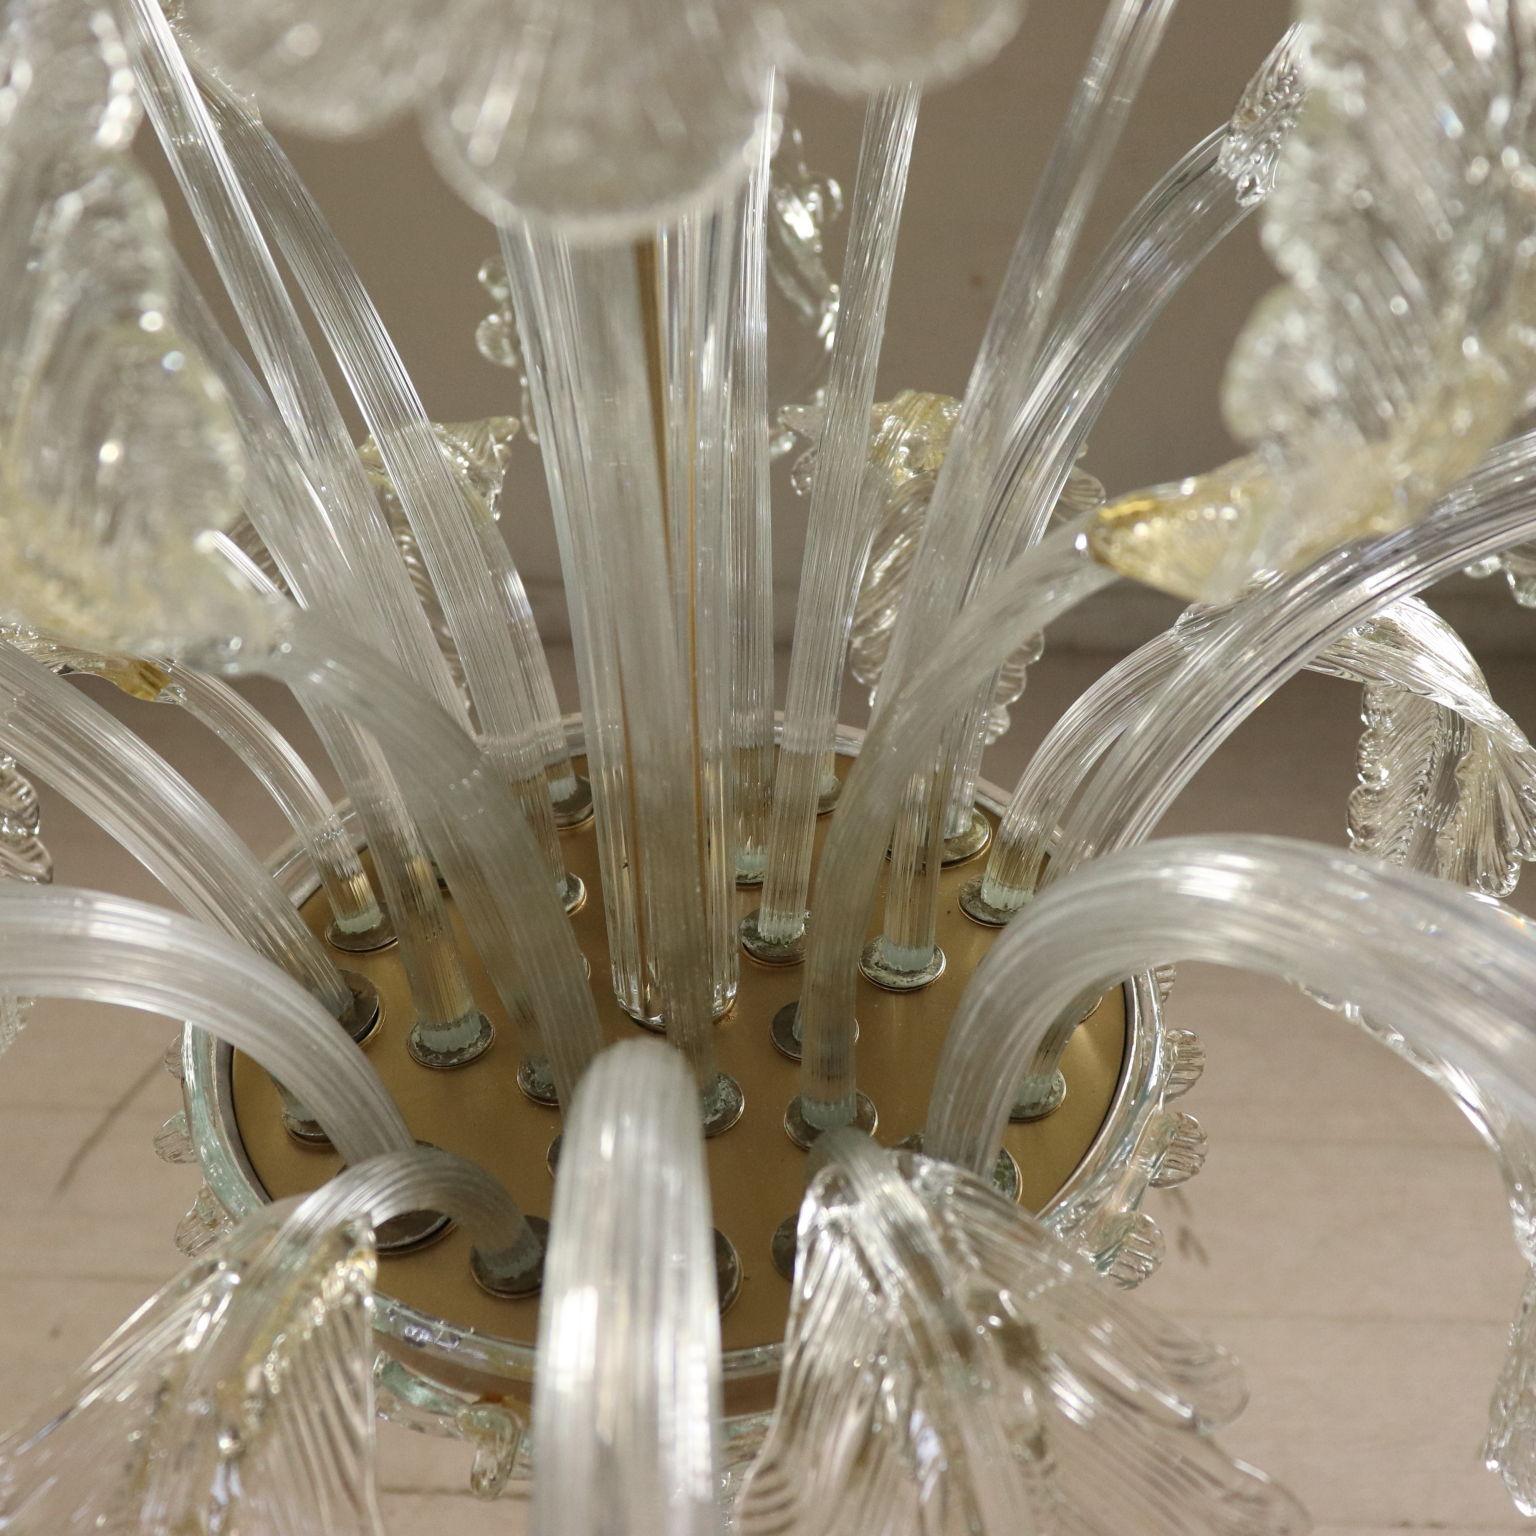 Lampadario Murano Anni 50.Lampadario Murano A Dodici Luci Illuminazione Bottega Del 900